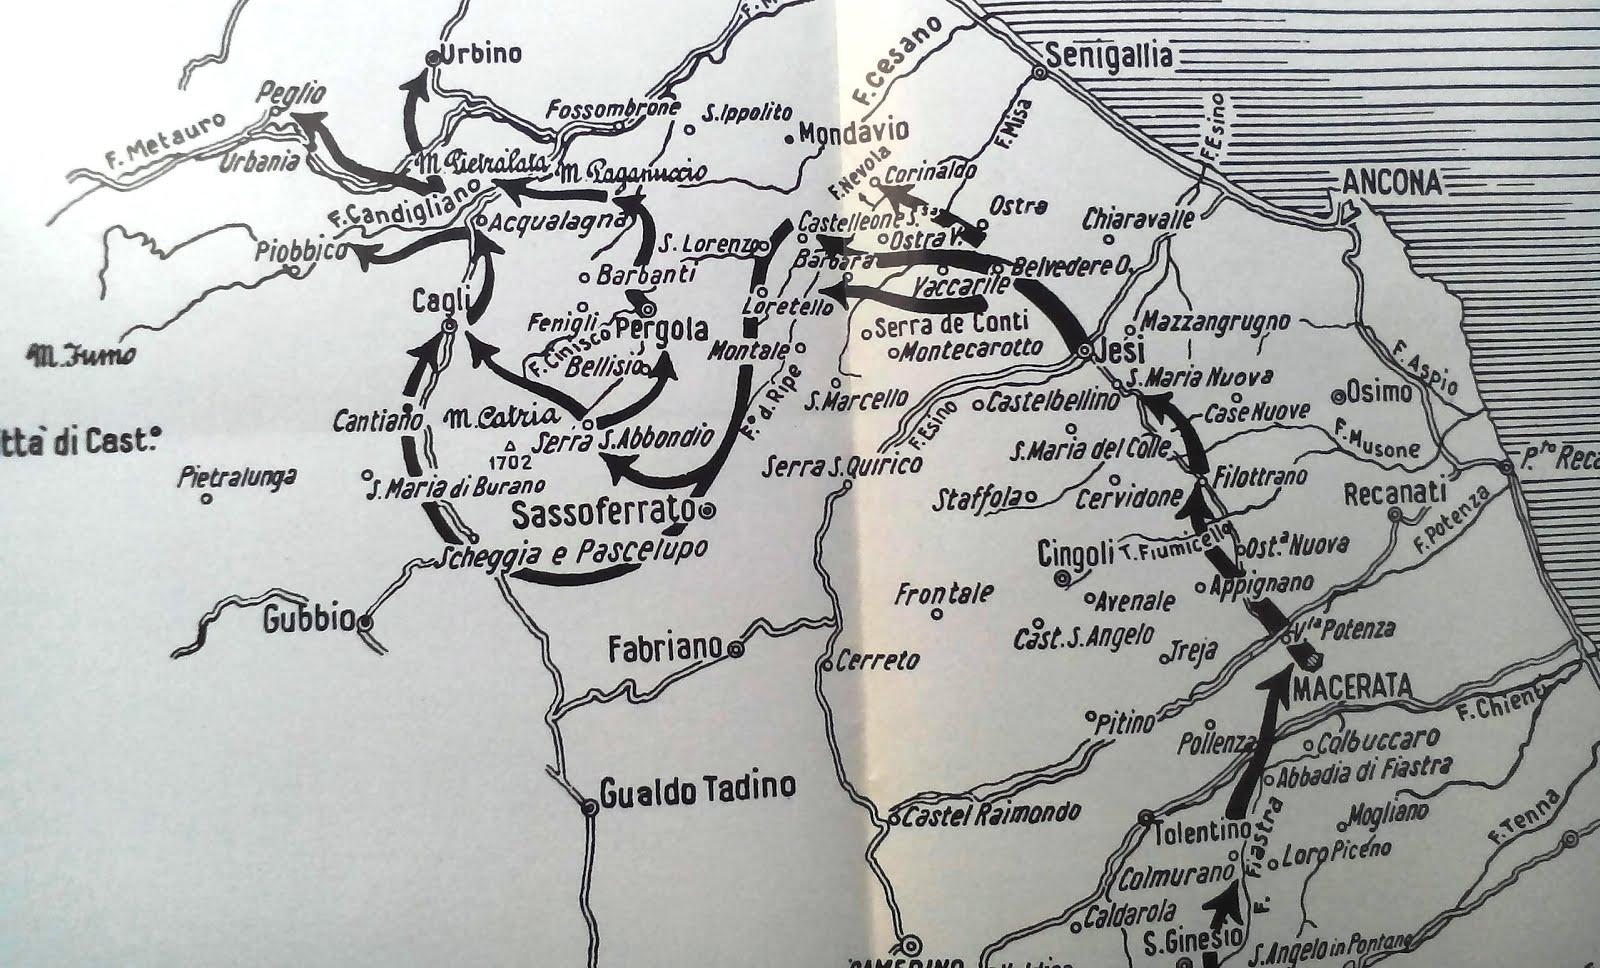 Operazioni del Corpo Italiano di Liberazione  20 luglio 31 agosto